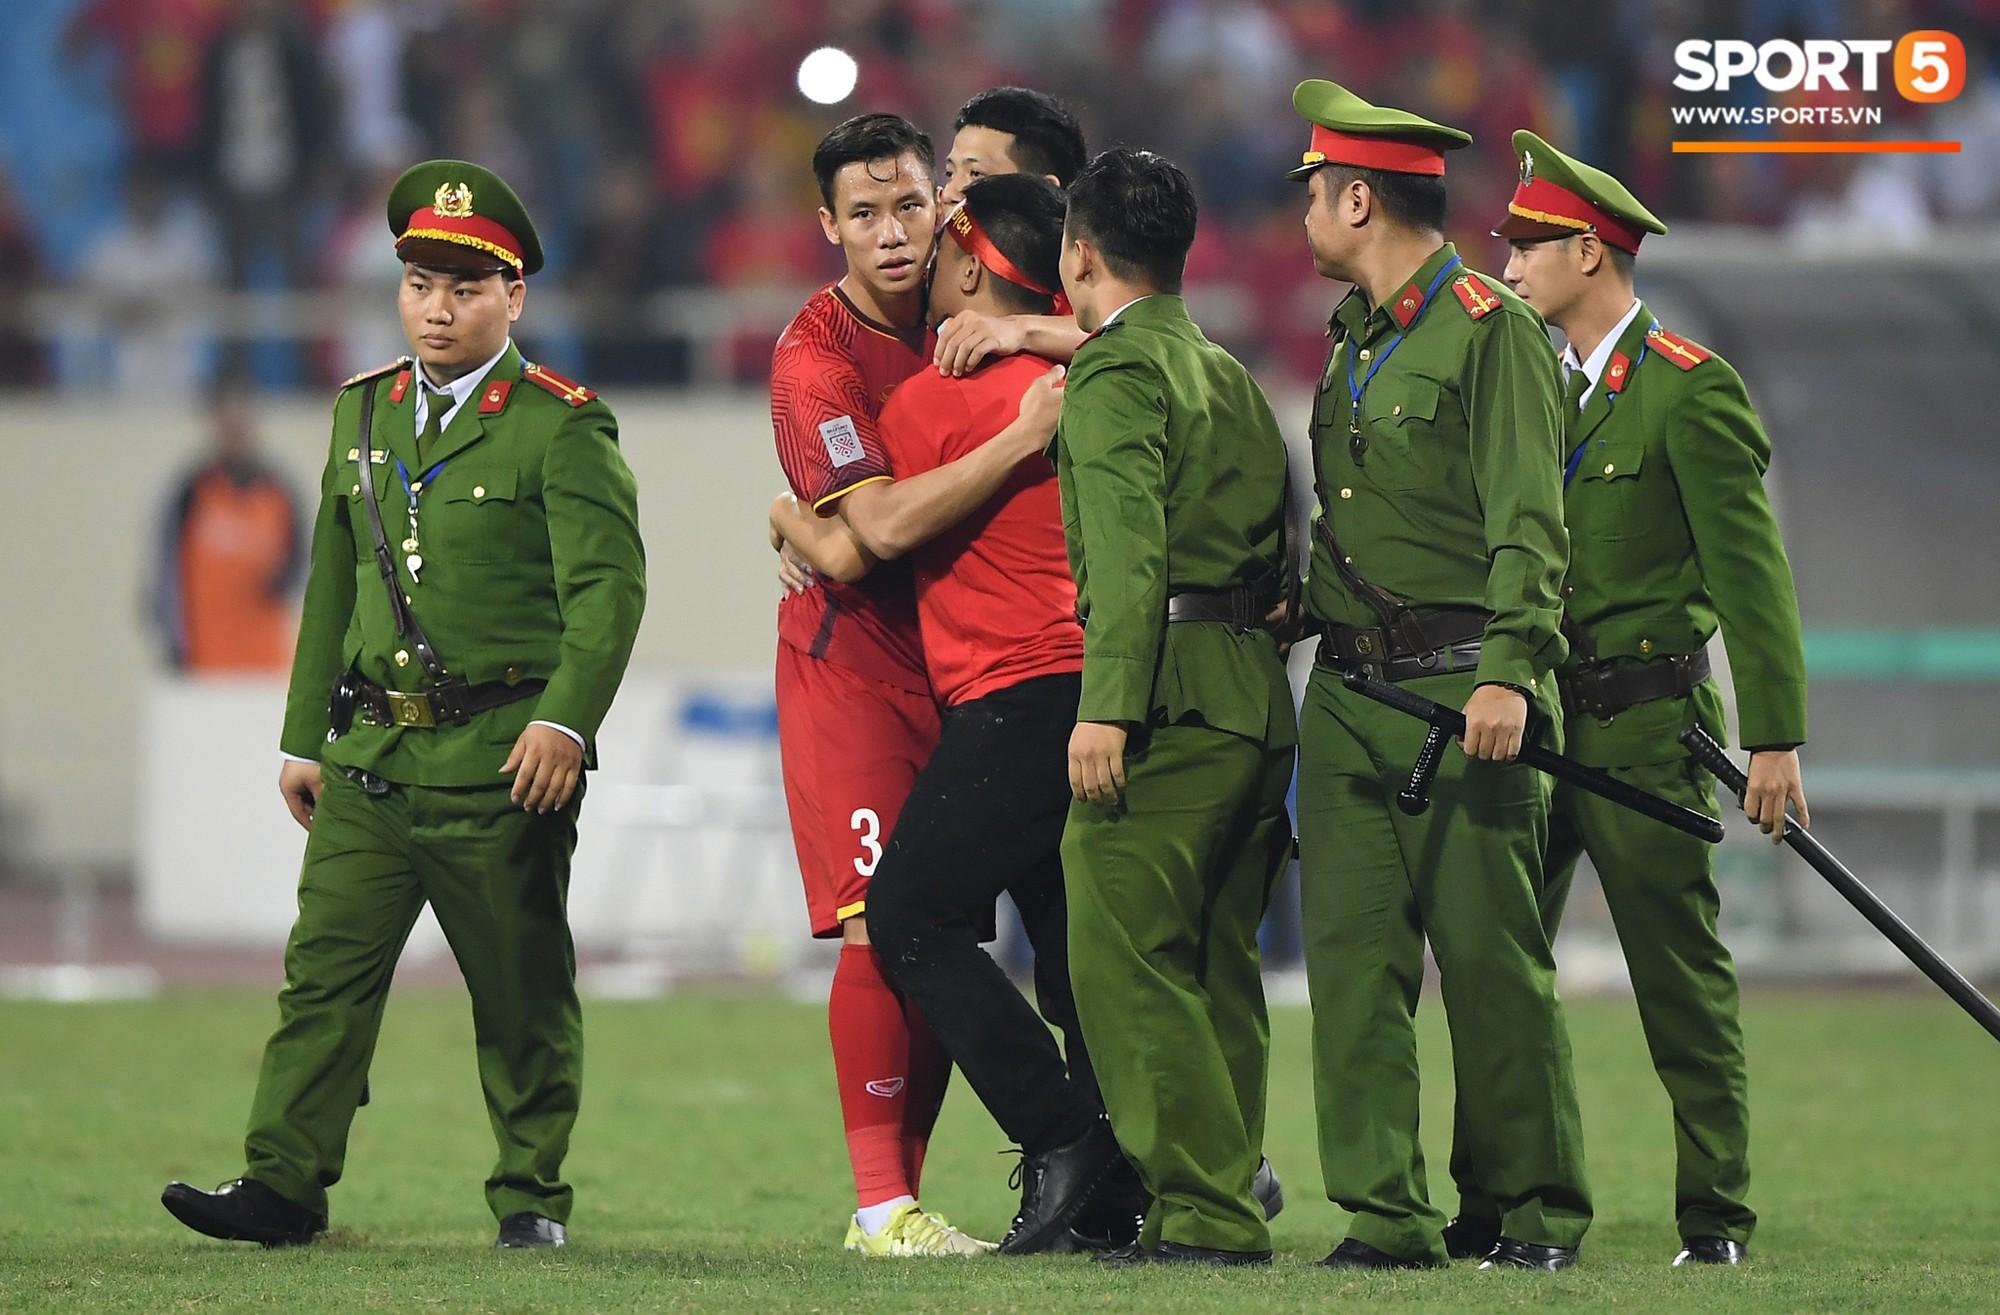 Nhà vô địch AFF Cup 2018 Quế Ngọc Hải: 'Máy chém' rũ bỏ những định kiến để đứng dậy sáng lòa 6